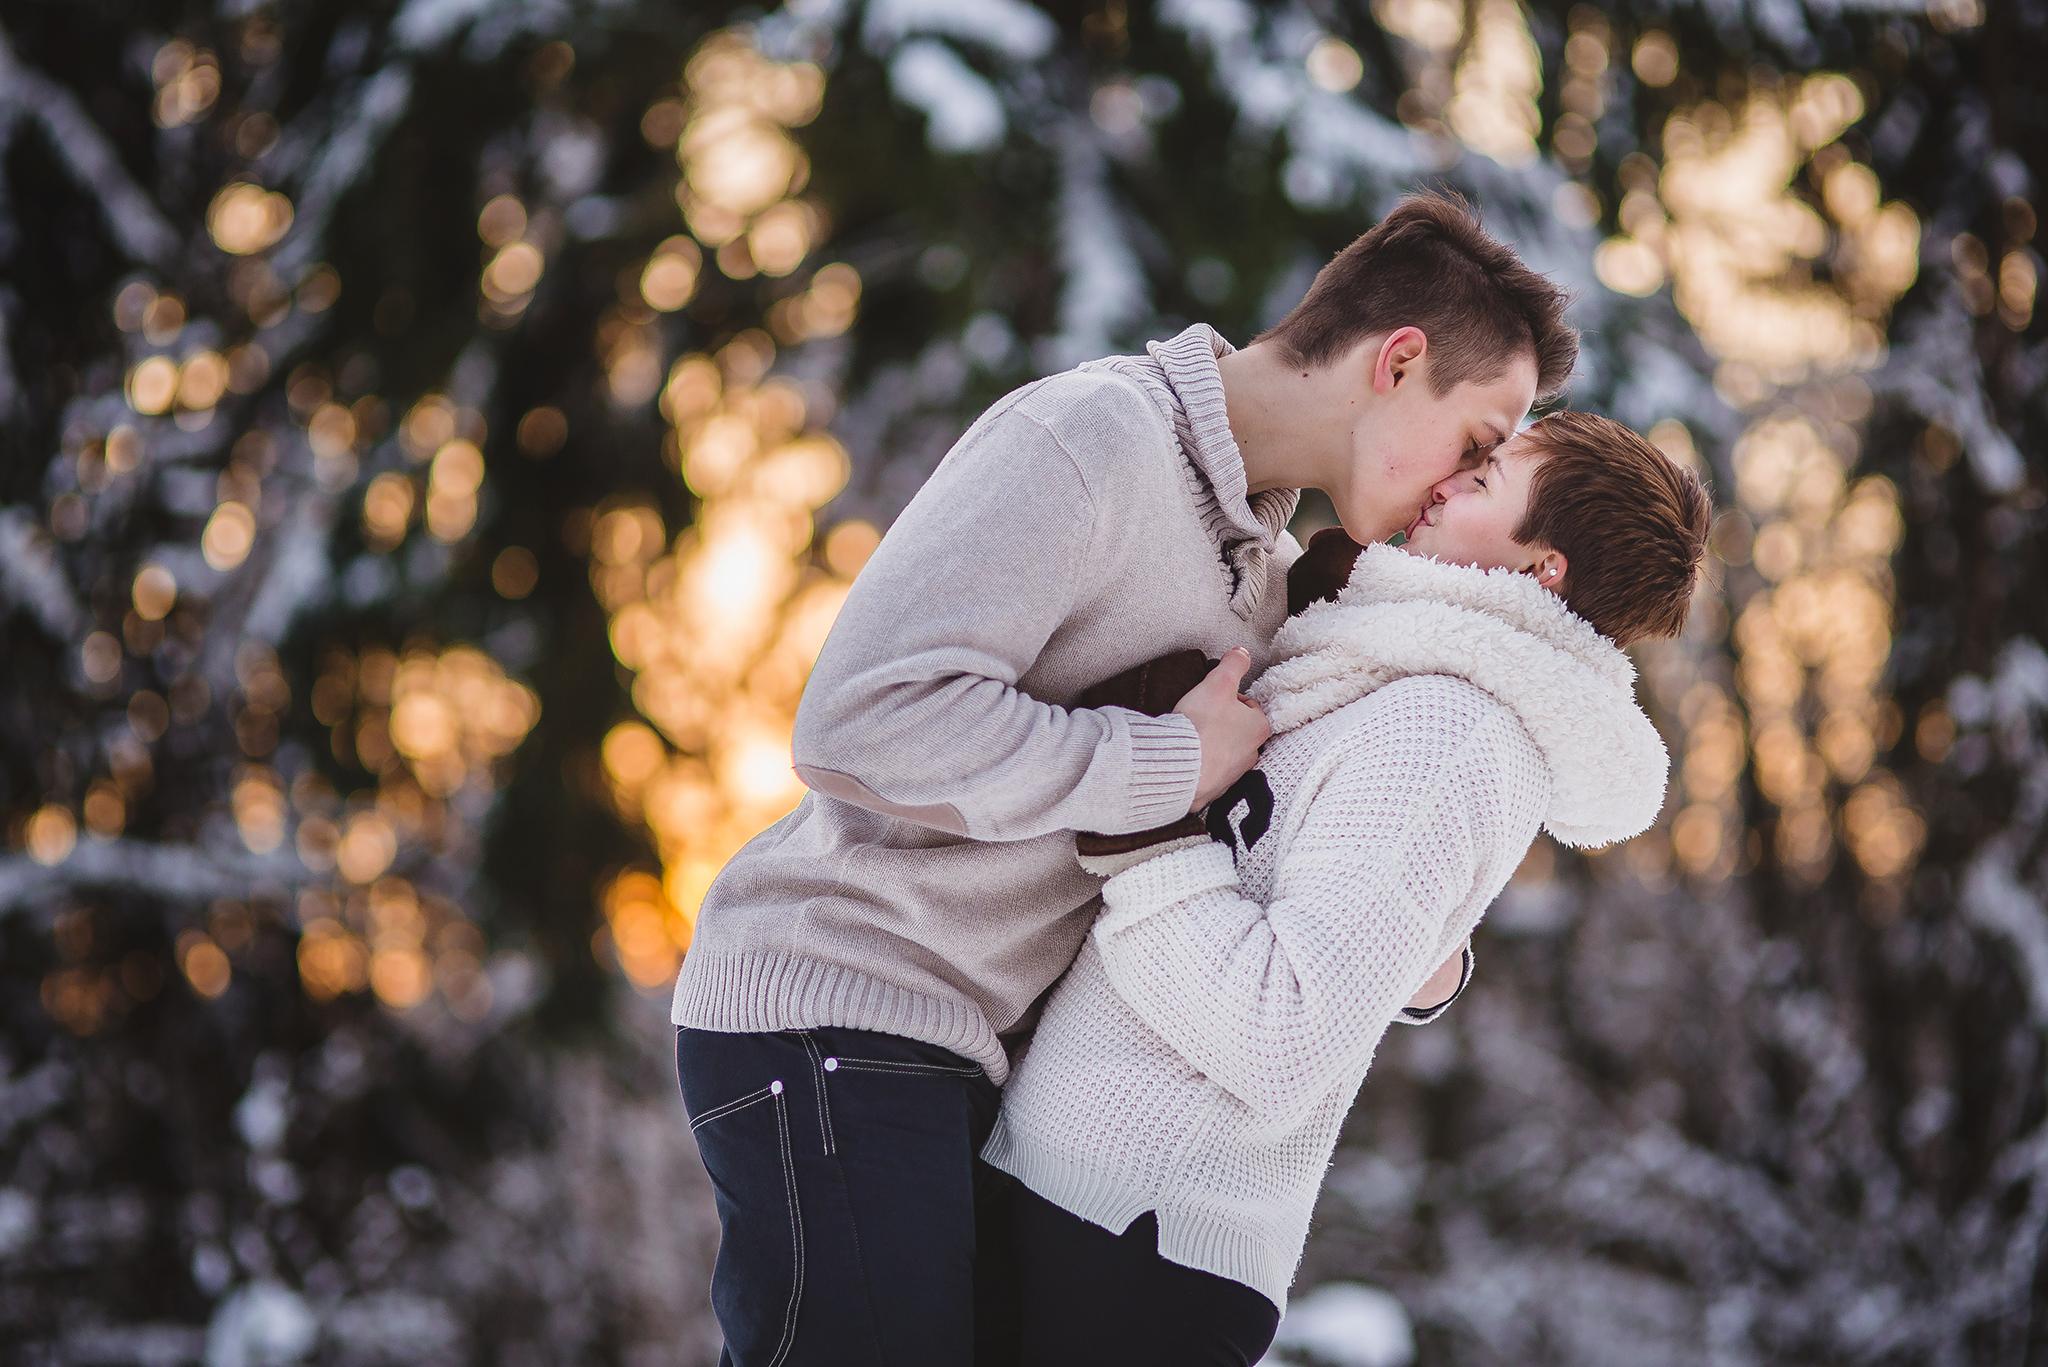 láska, príroda, love, les, západ slnka, sunset, romantika, úsmev, smile, radosť, zamilovaný pár, bozk, kiss, zima, winter